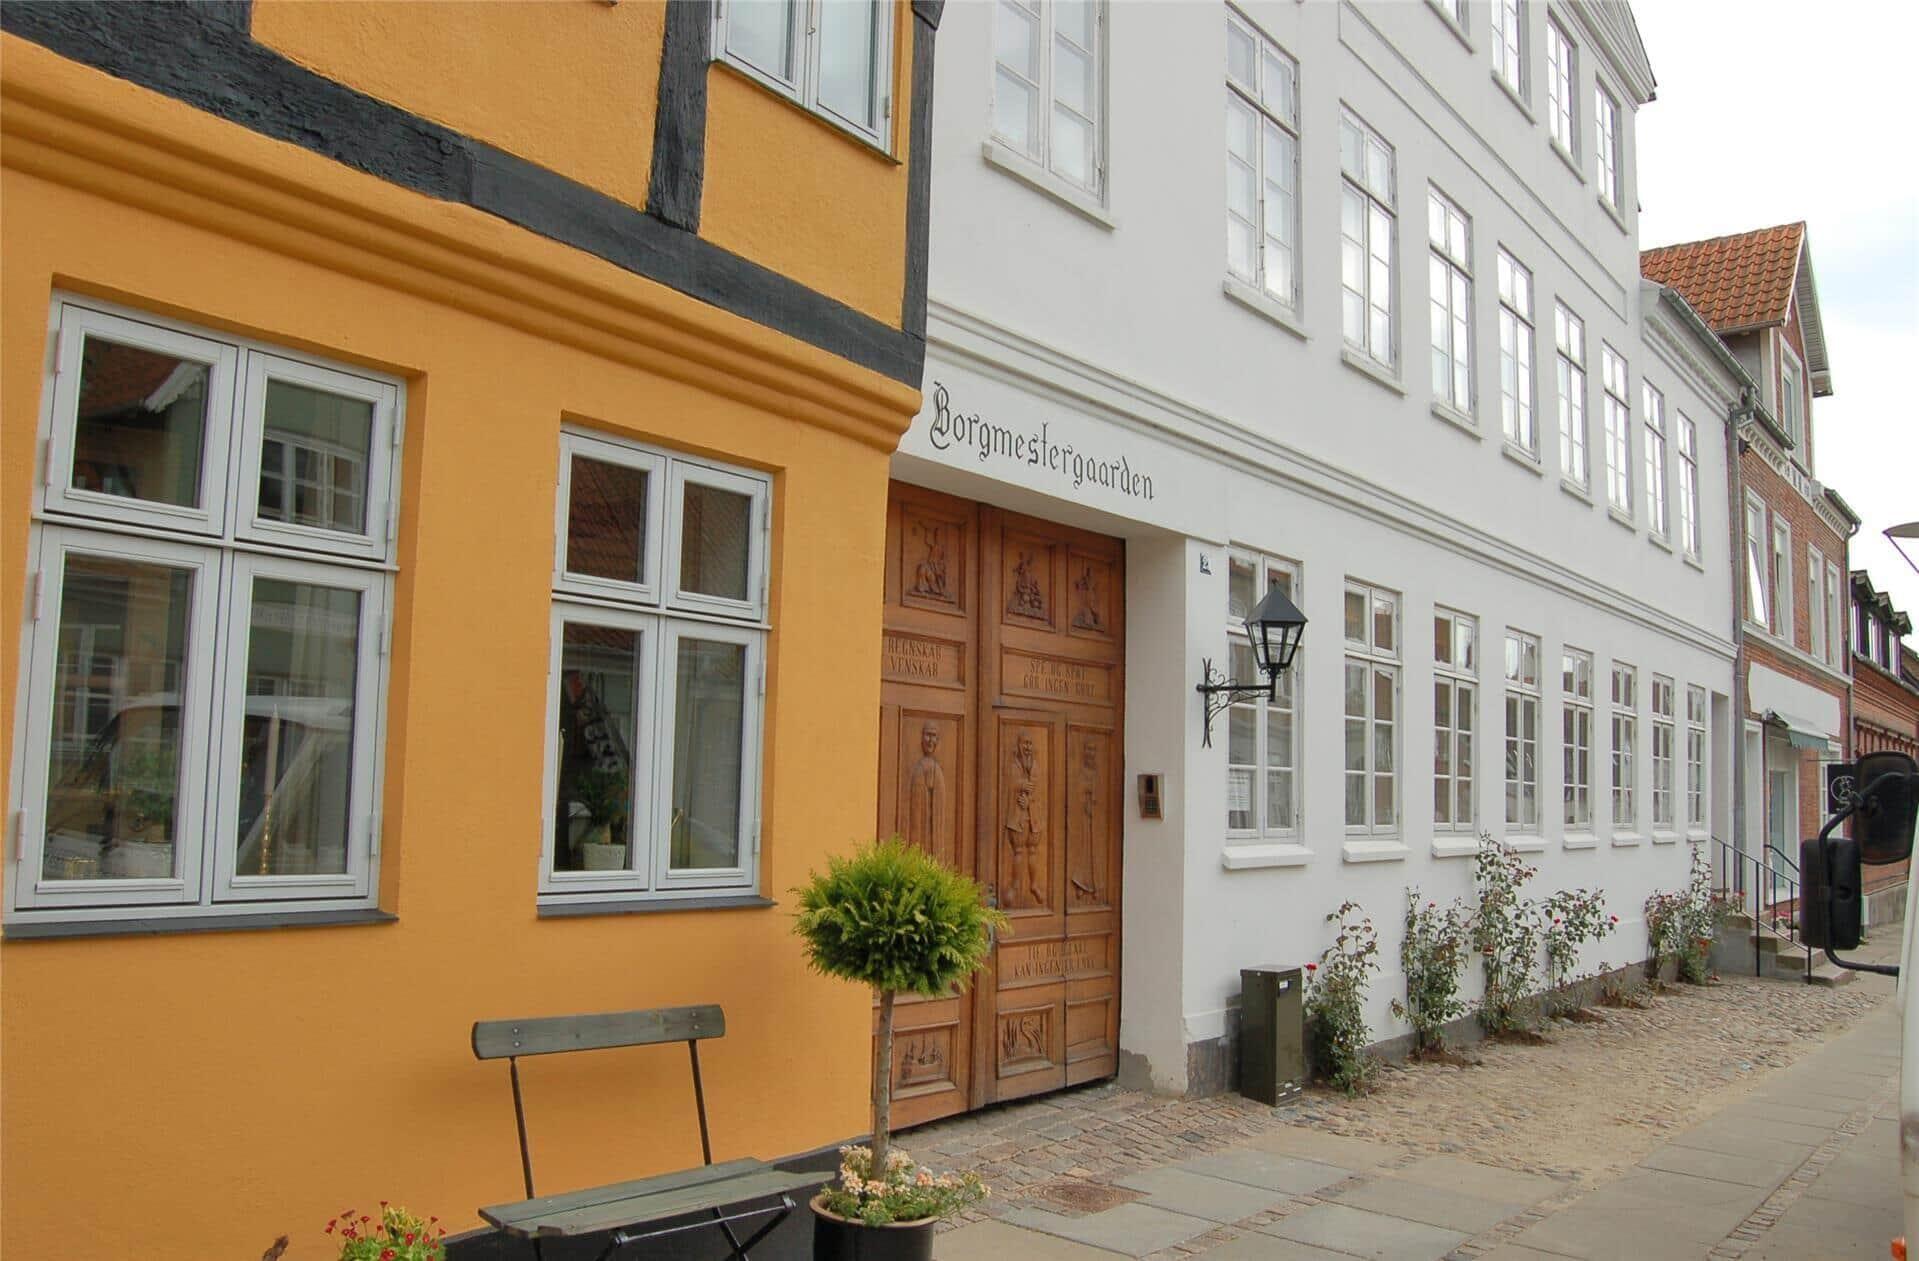 Afbeelding 1-3 Vakantiehuis B2000, Havnegade 69, DK - 5500 Middelfart